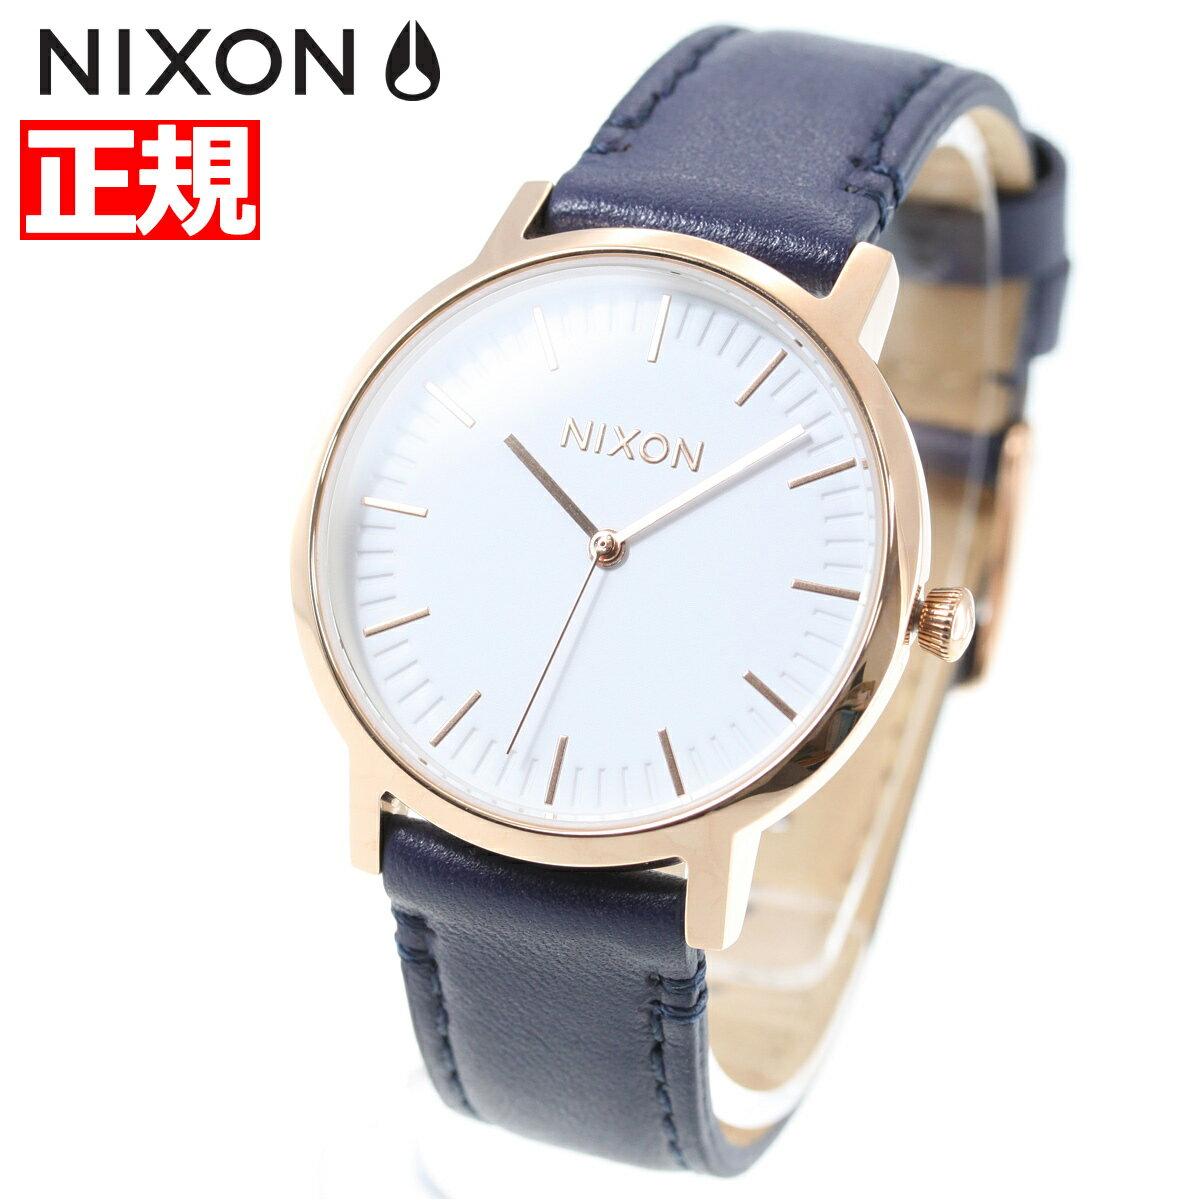 ニクソン NIXON ポーター 35 レザー PORTER 35 LEATHER 腕時計 メンズ/レディース ローズ ゴールド/ネイビー/ホワイト NA11992798-00